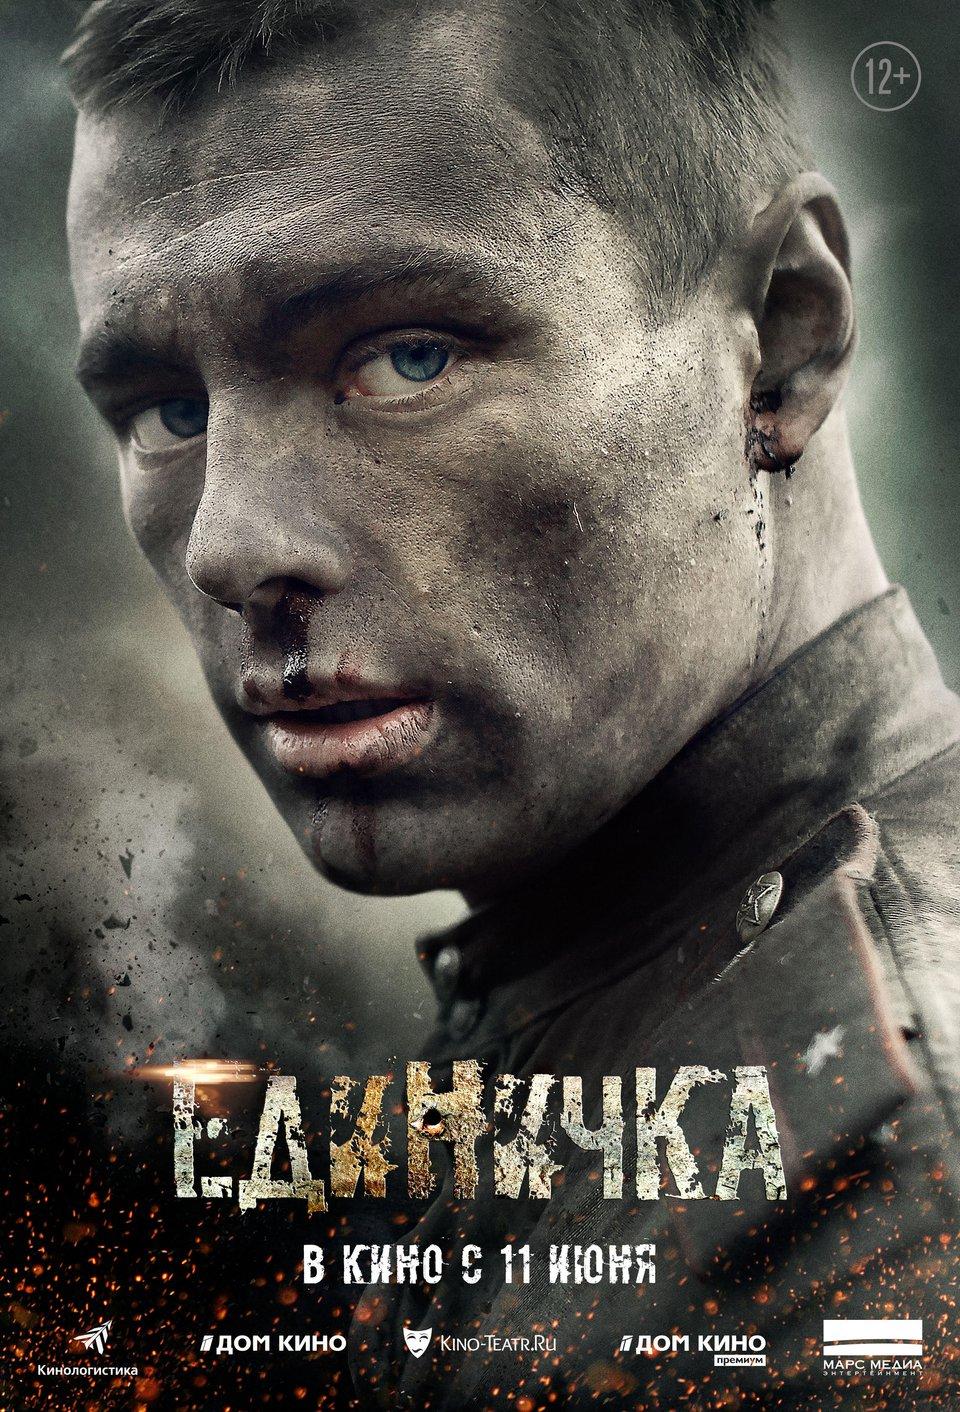 «Русские 2015 Сериалы» — 2008